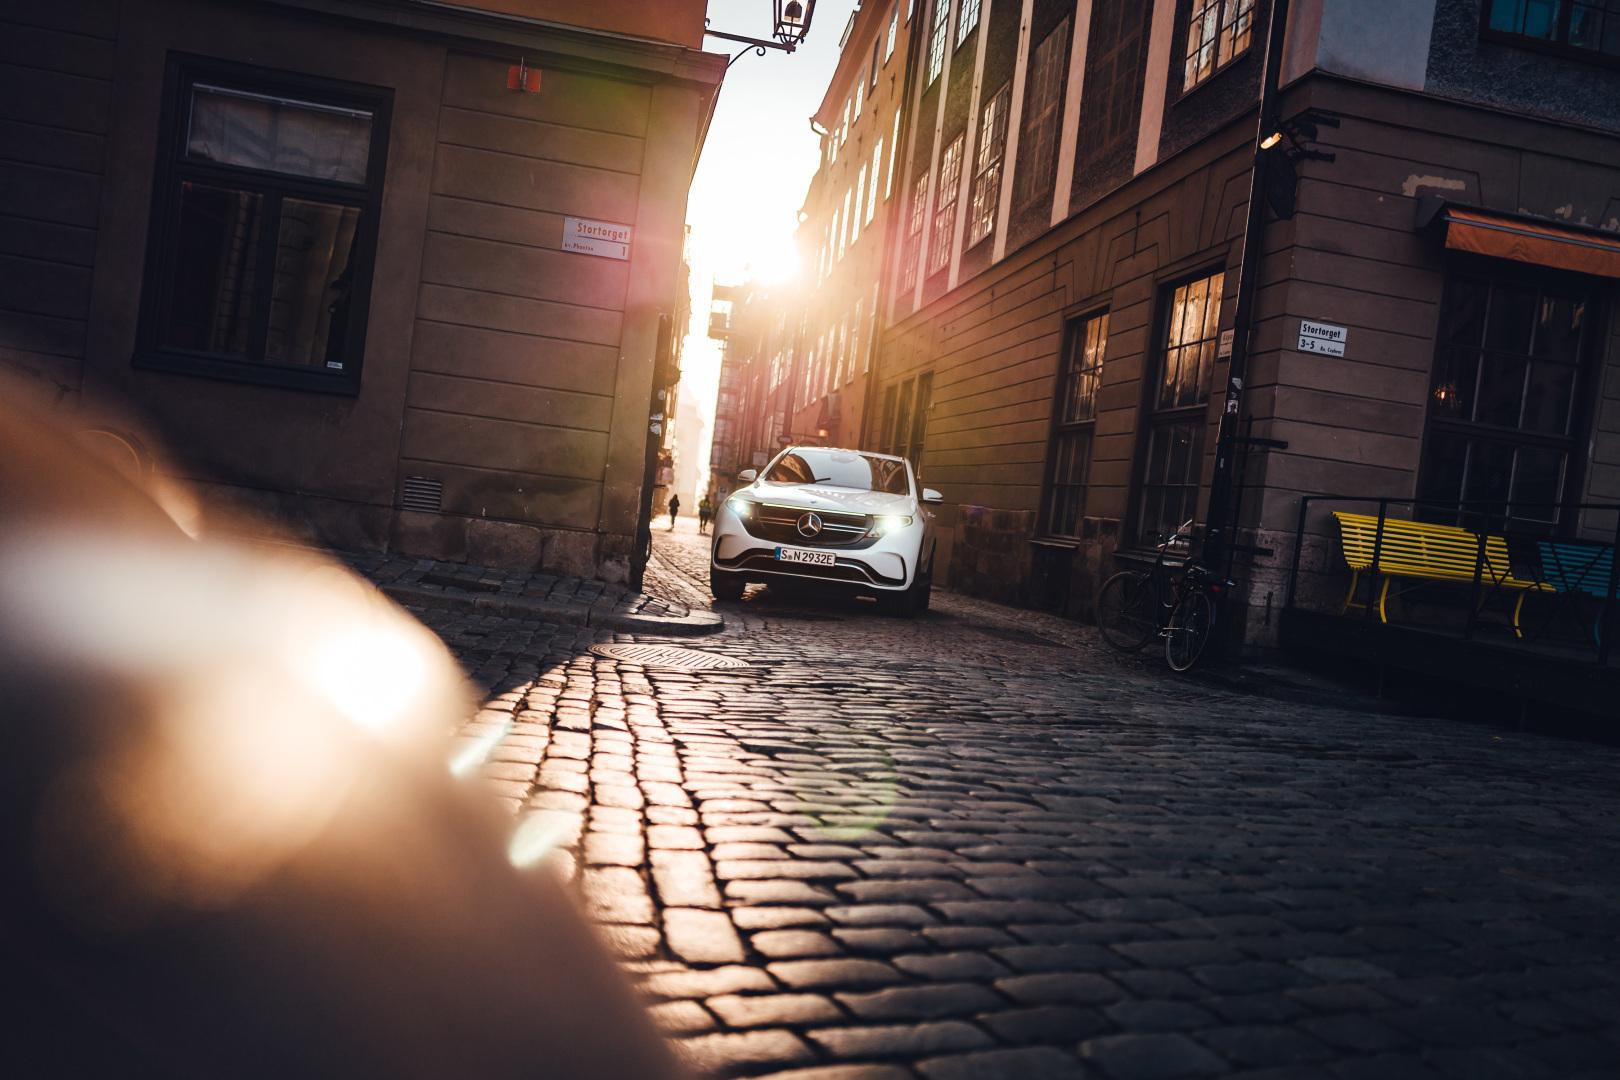 El-drevet og lækker Mercedes Benz EQC